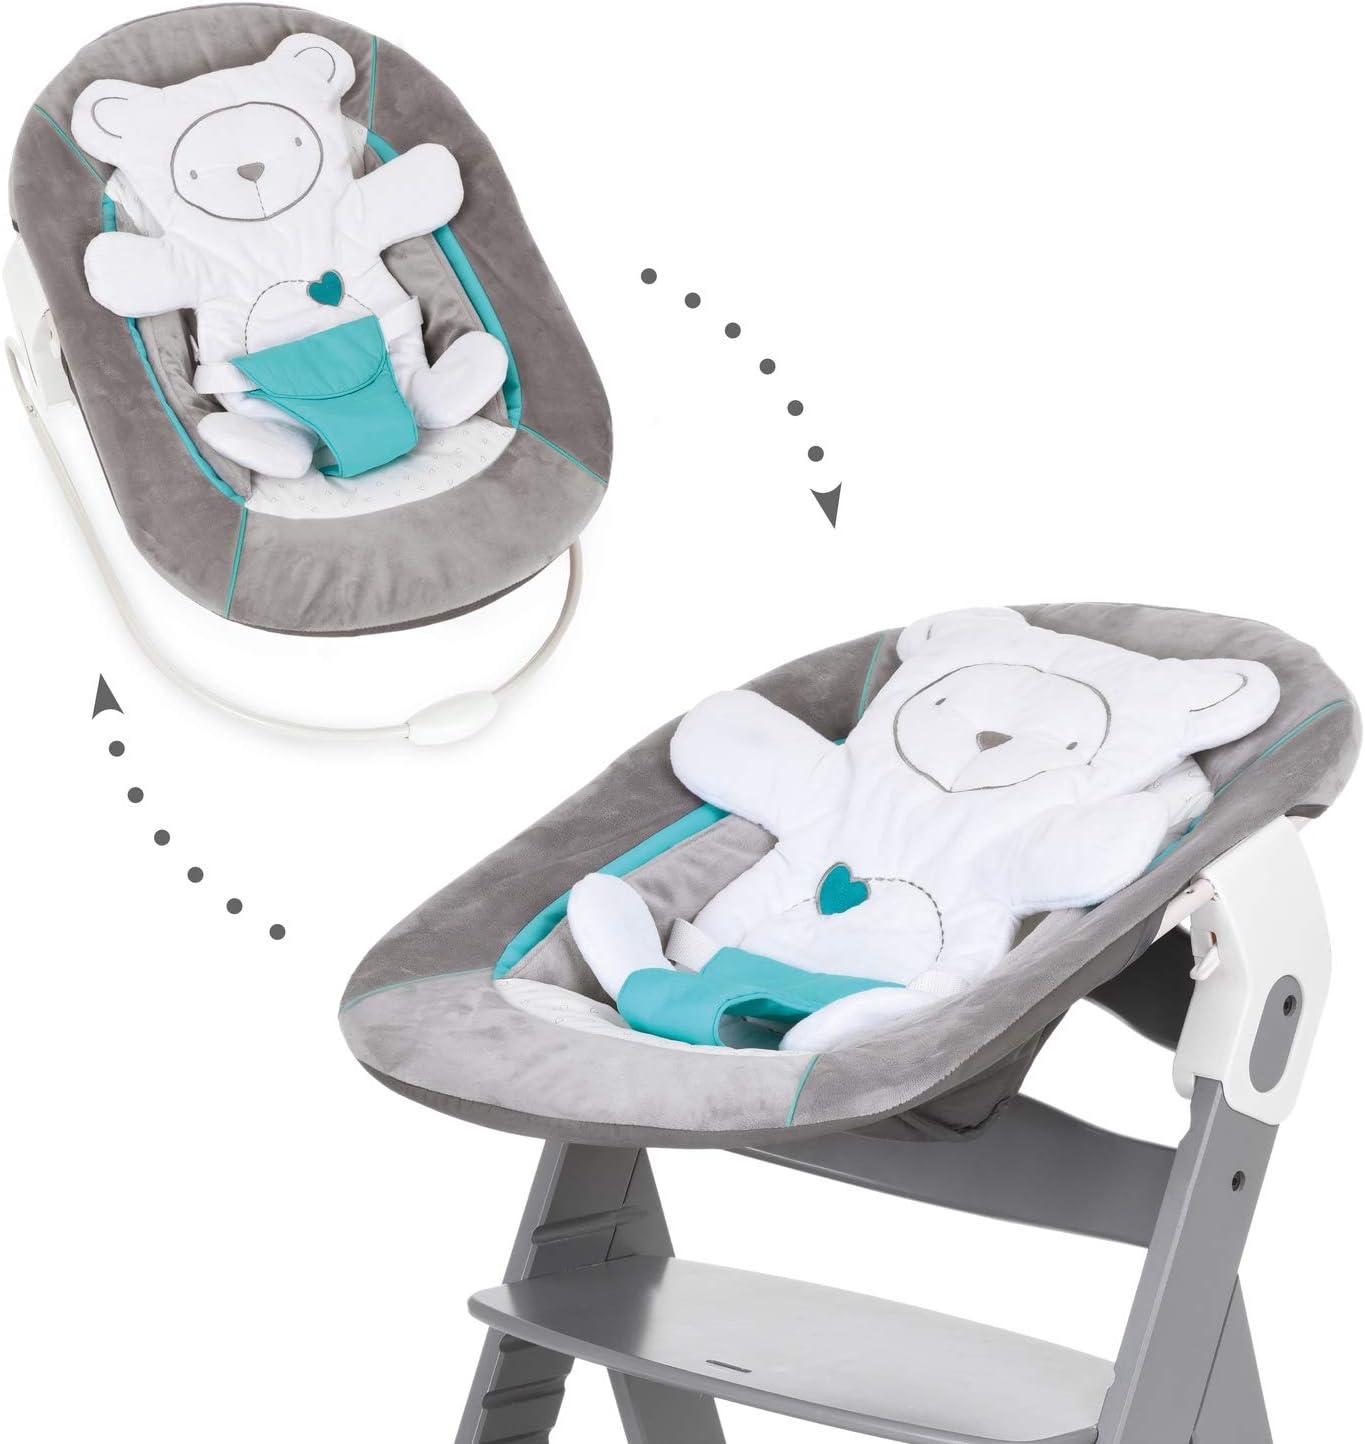 Hauck Alpha Bouncer - 2 en 1 para recién nacido, hamaca de tejido suave, combinable con trona de madera evolutiva Alpha+ y Beta+ de HAUCK, incluido reductor, mecedora para bebes, Gris (Hearts Grey)